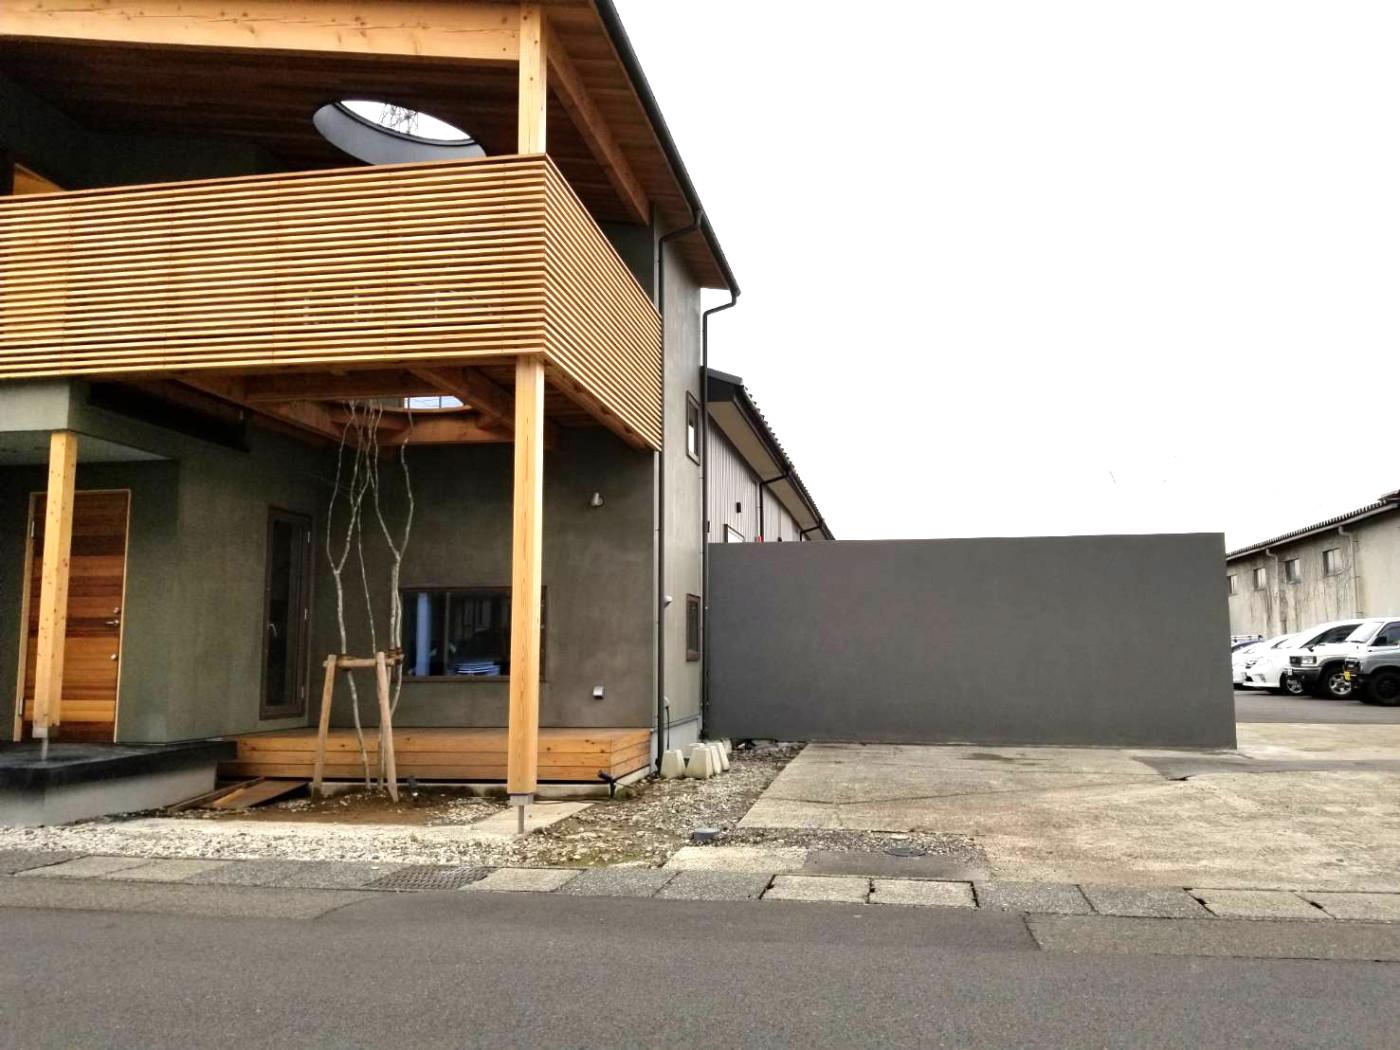 福井県 株式会社 MINO建設 グランドアートウォール施工イメージ508_02